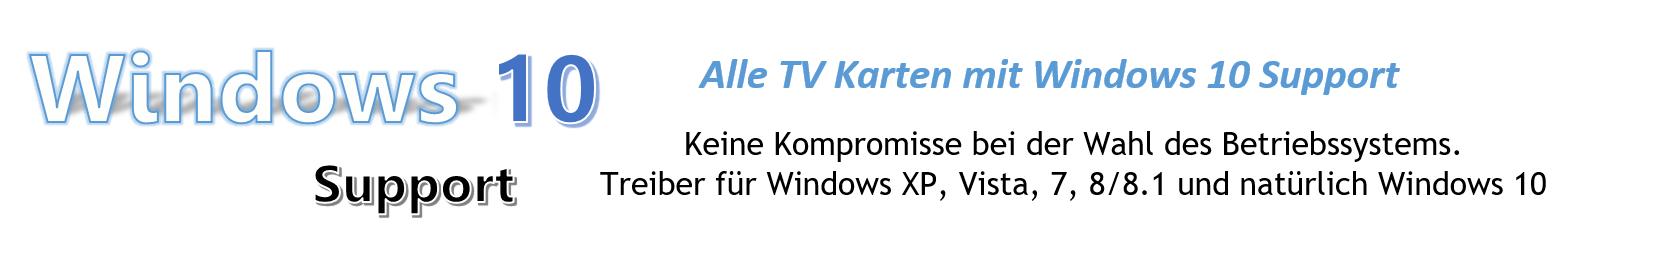 Digital-Devices_Windows10_Support_Unterstuetzung_Treiber_Paket.png